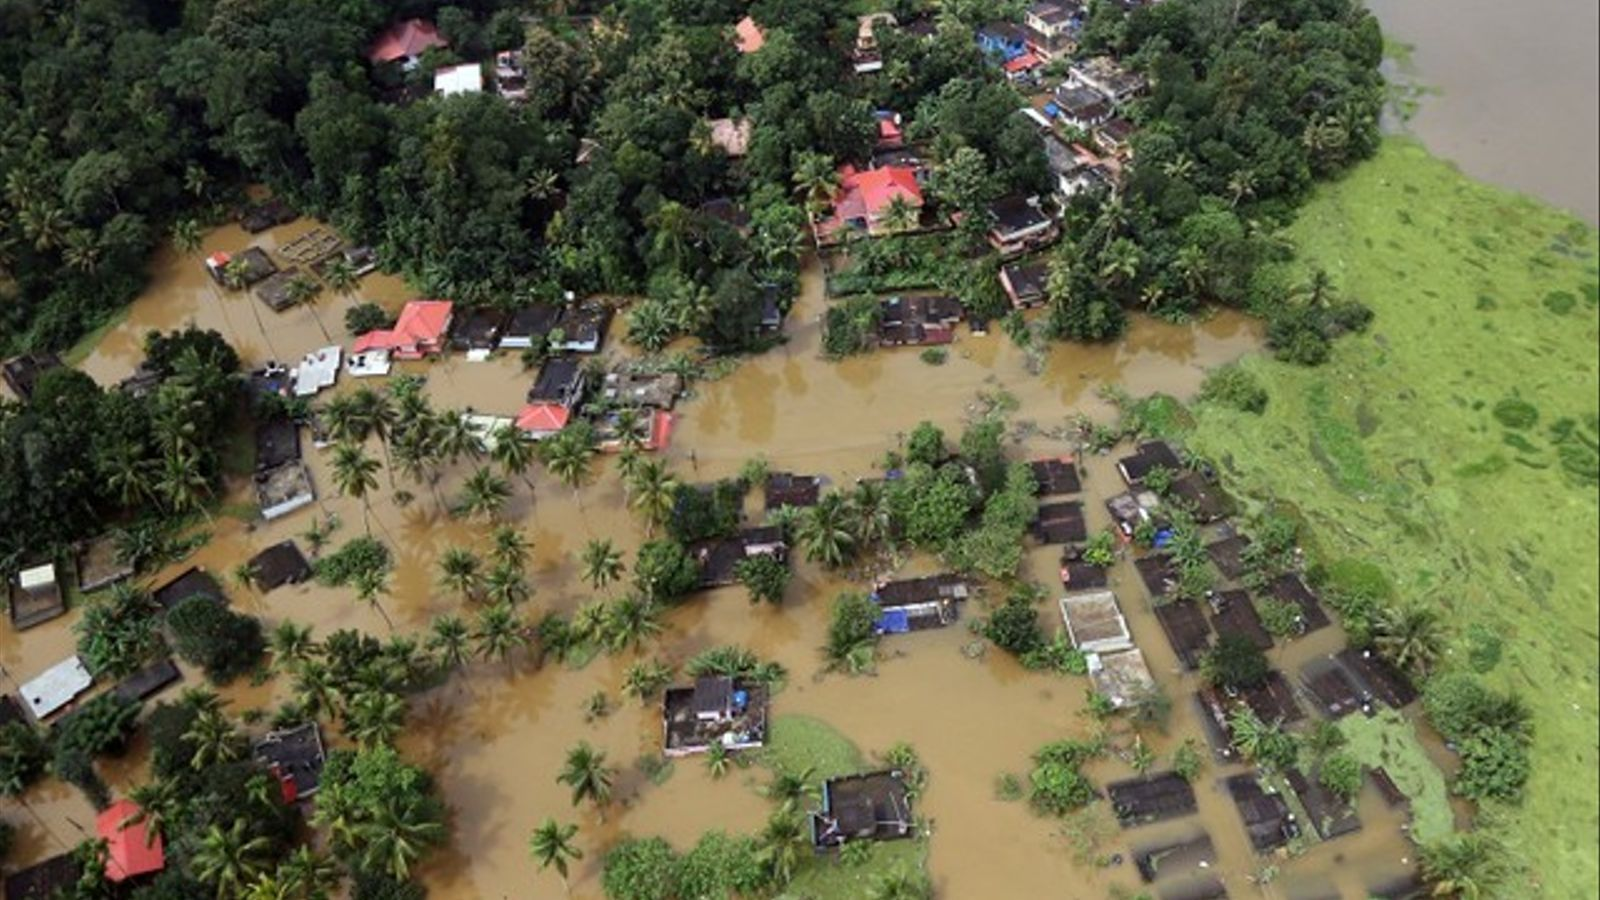 Vista aèria amb cases parcialment submergides a l'estat de Kerala